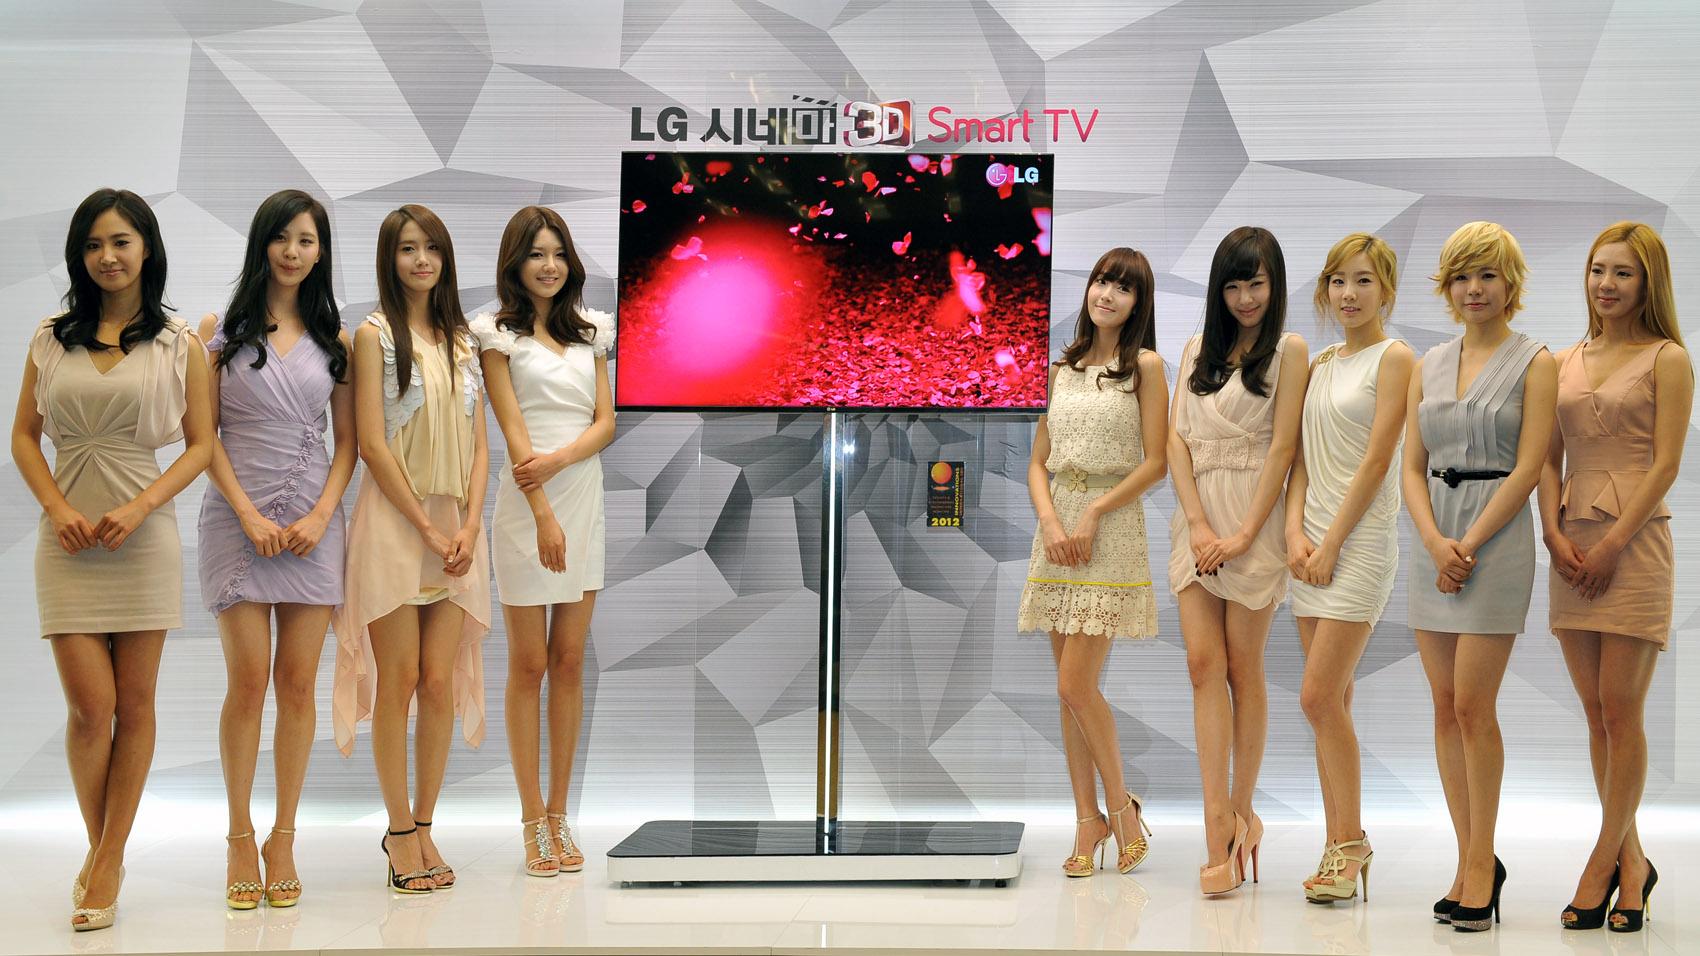 LG TV'ler artık daha da akıllı